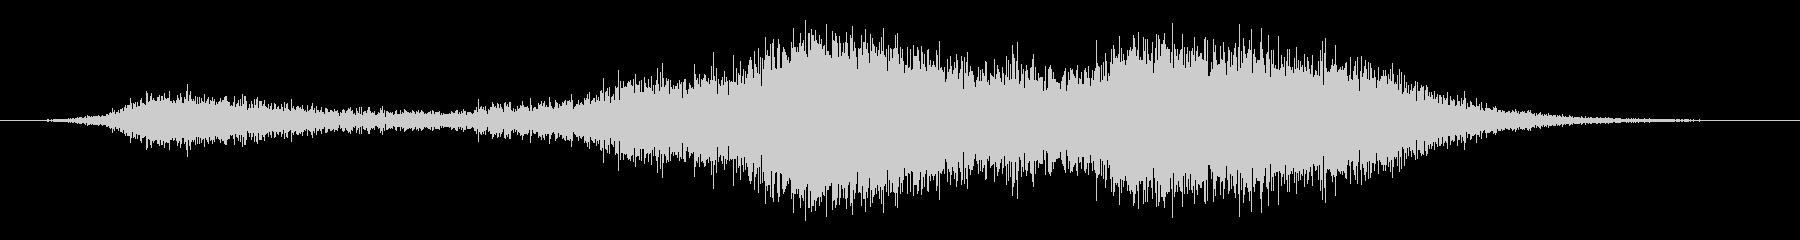 スイープ7によるアプリケーションパスの未再生の波形